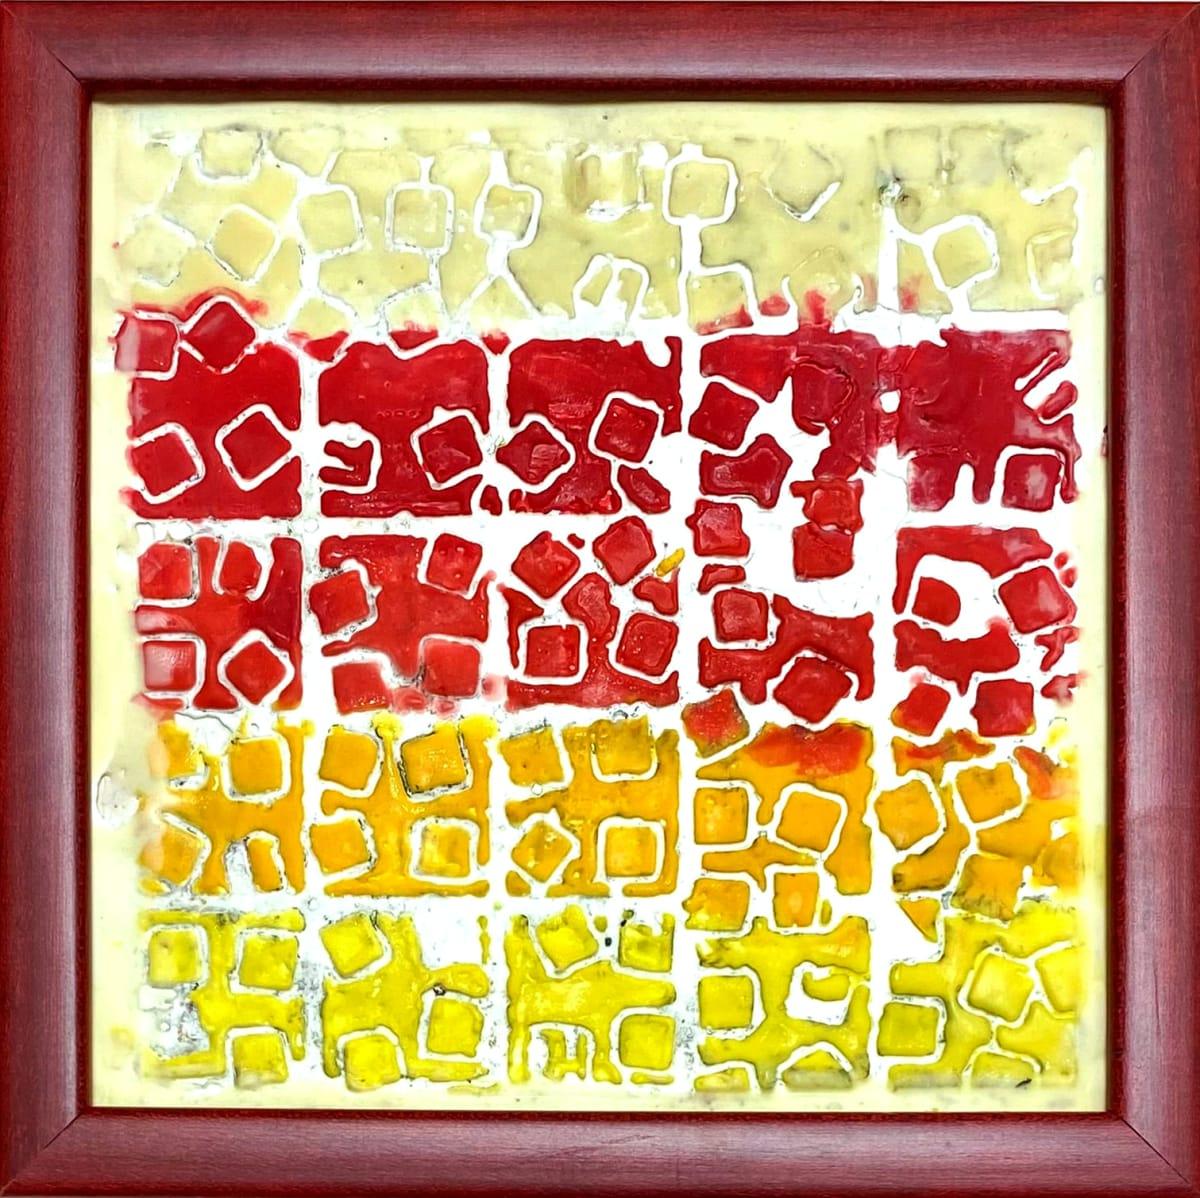 1302 - Wax Work by Marie H Becker